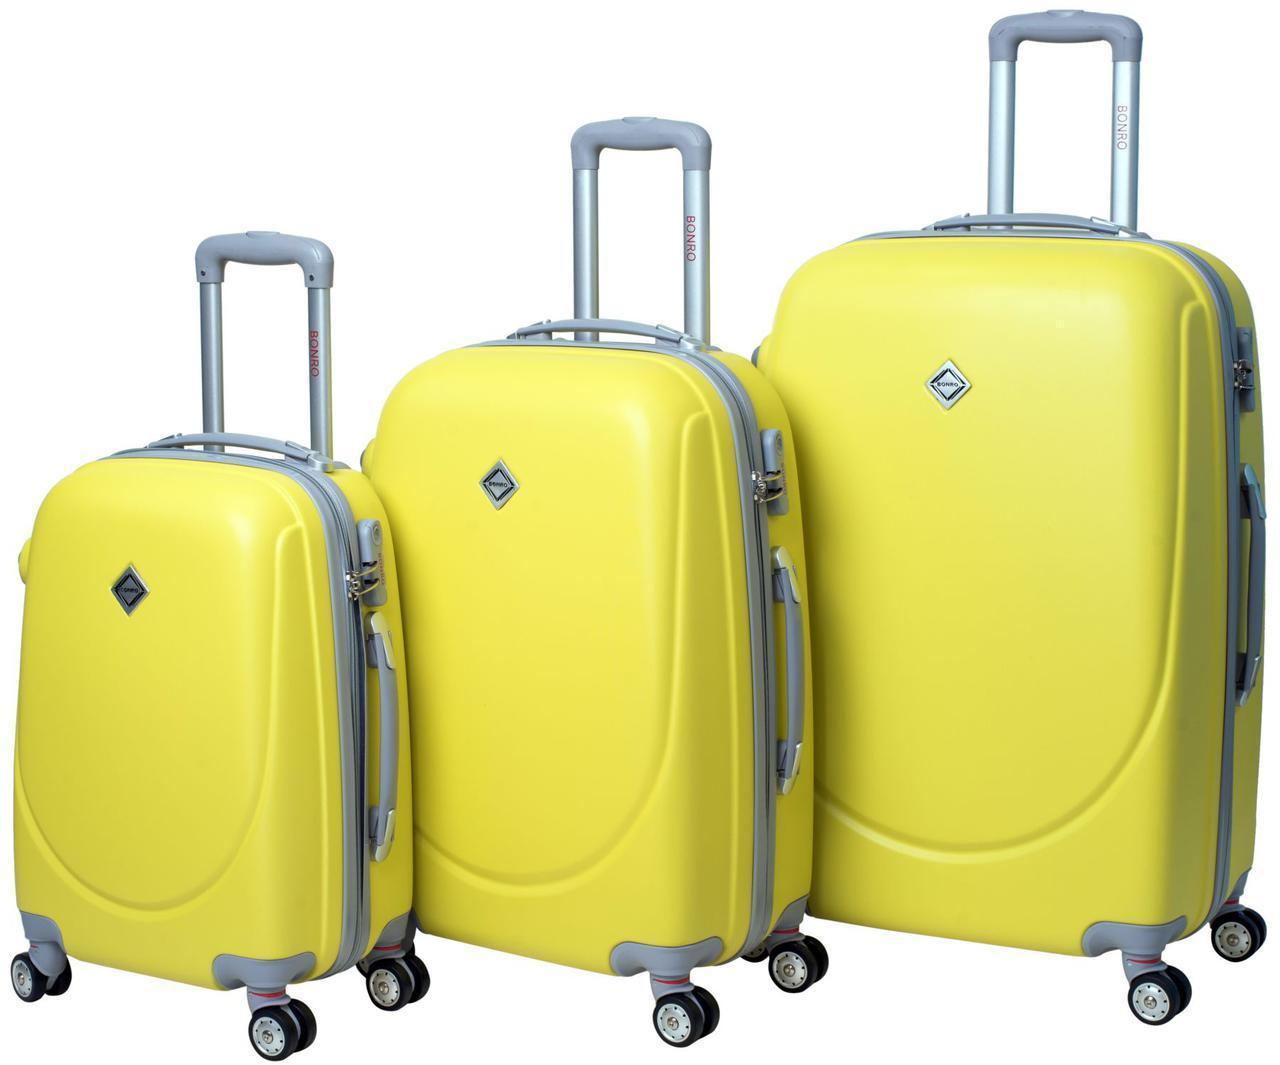 Набір валіз Bonro Smile пластикових з подвійними колесами Жовтий 3 шт